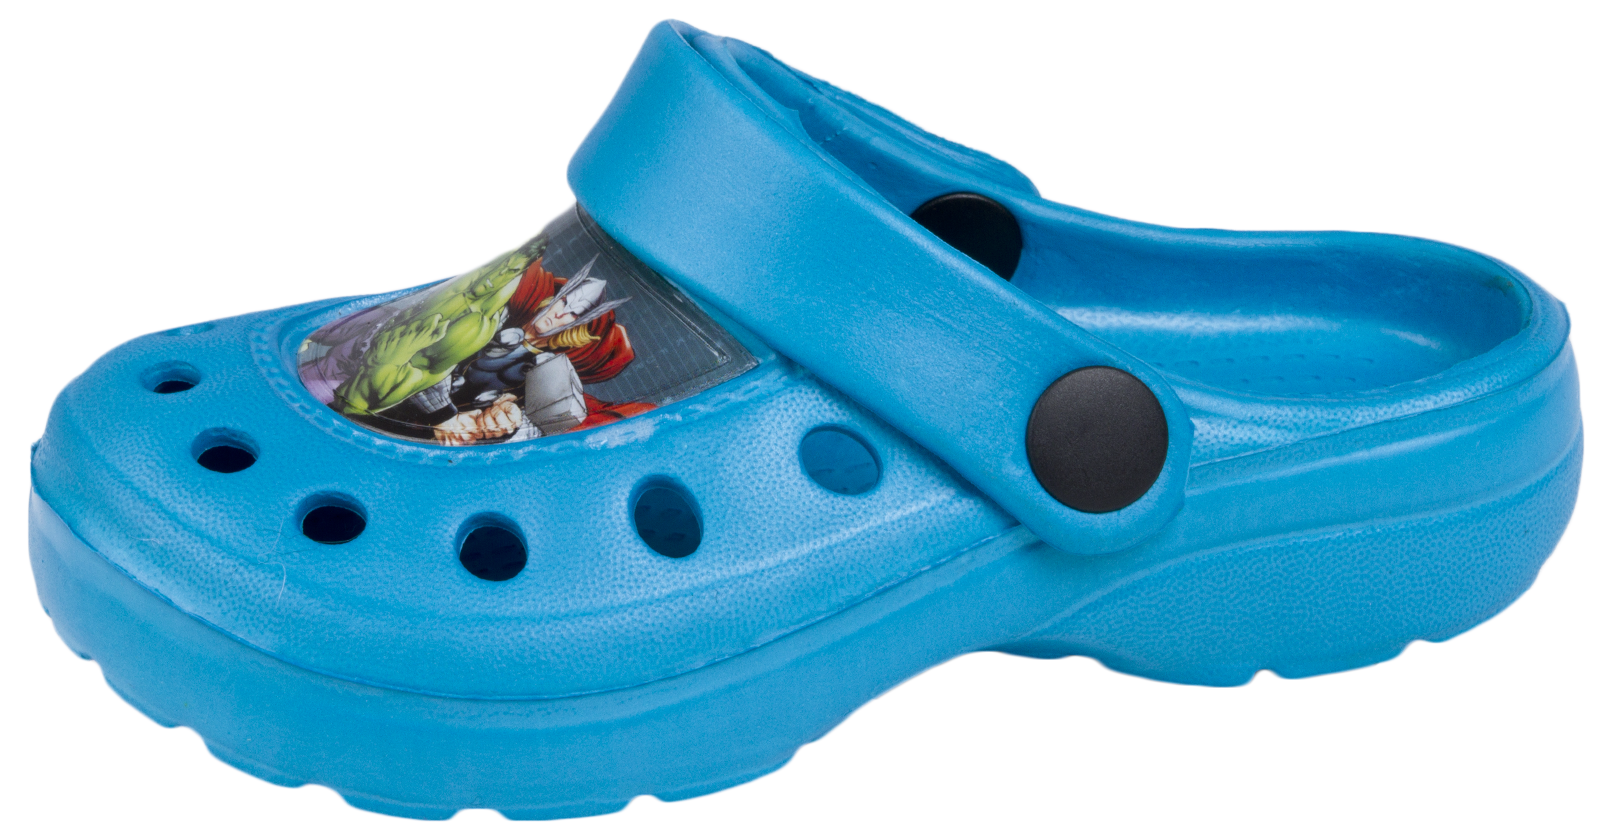 Chicos Zuecos Mulas Sandalias De Playa De Los Vengadores Iron Man Capitán América Zapatos Niños Talla